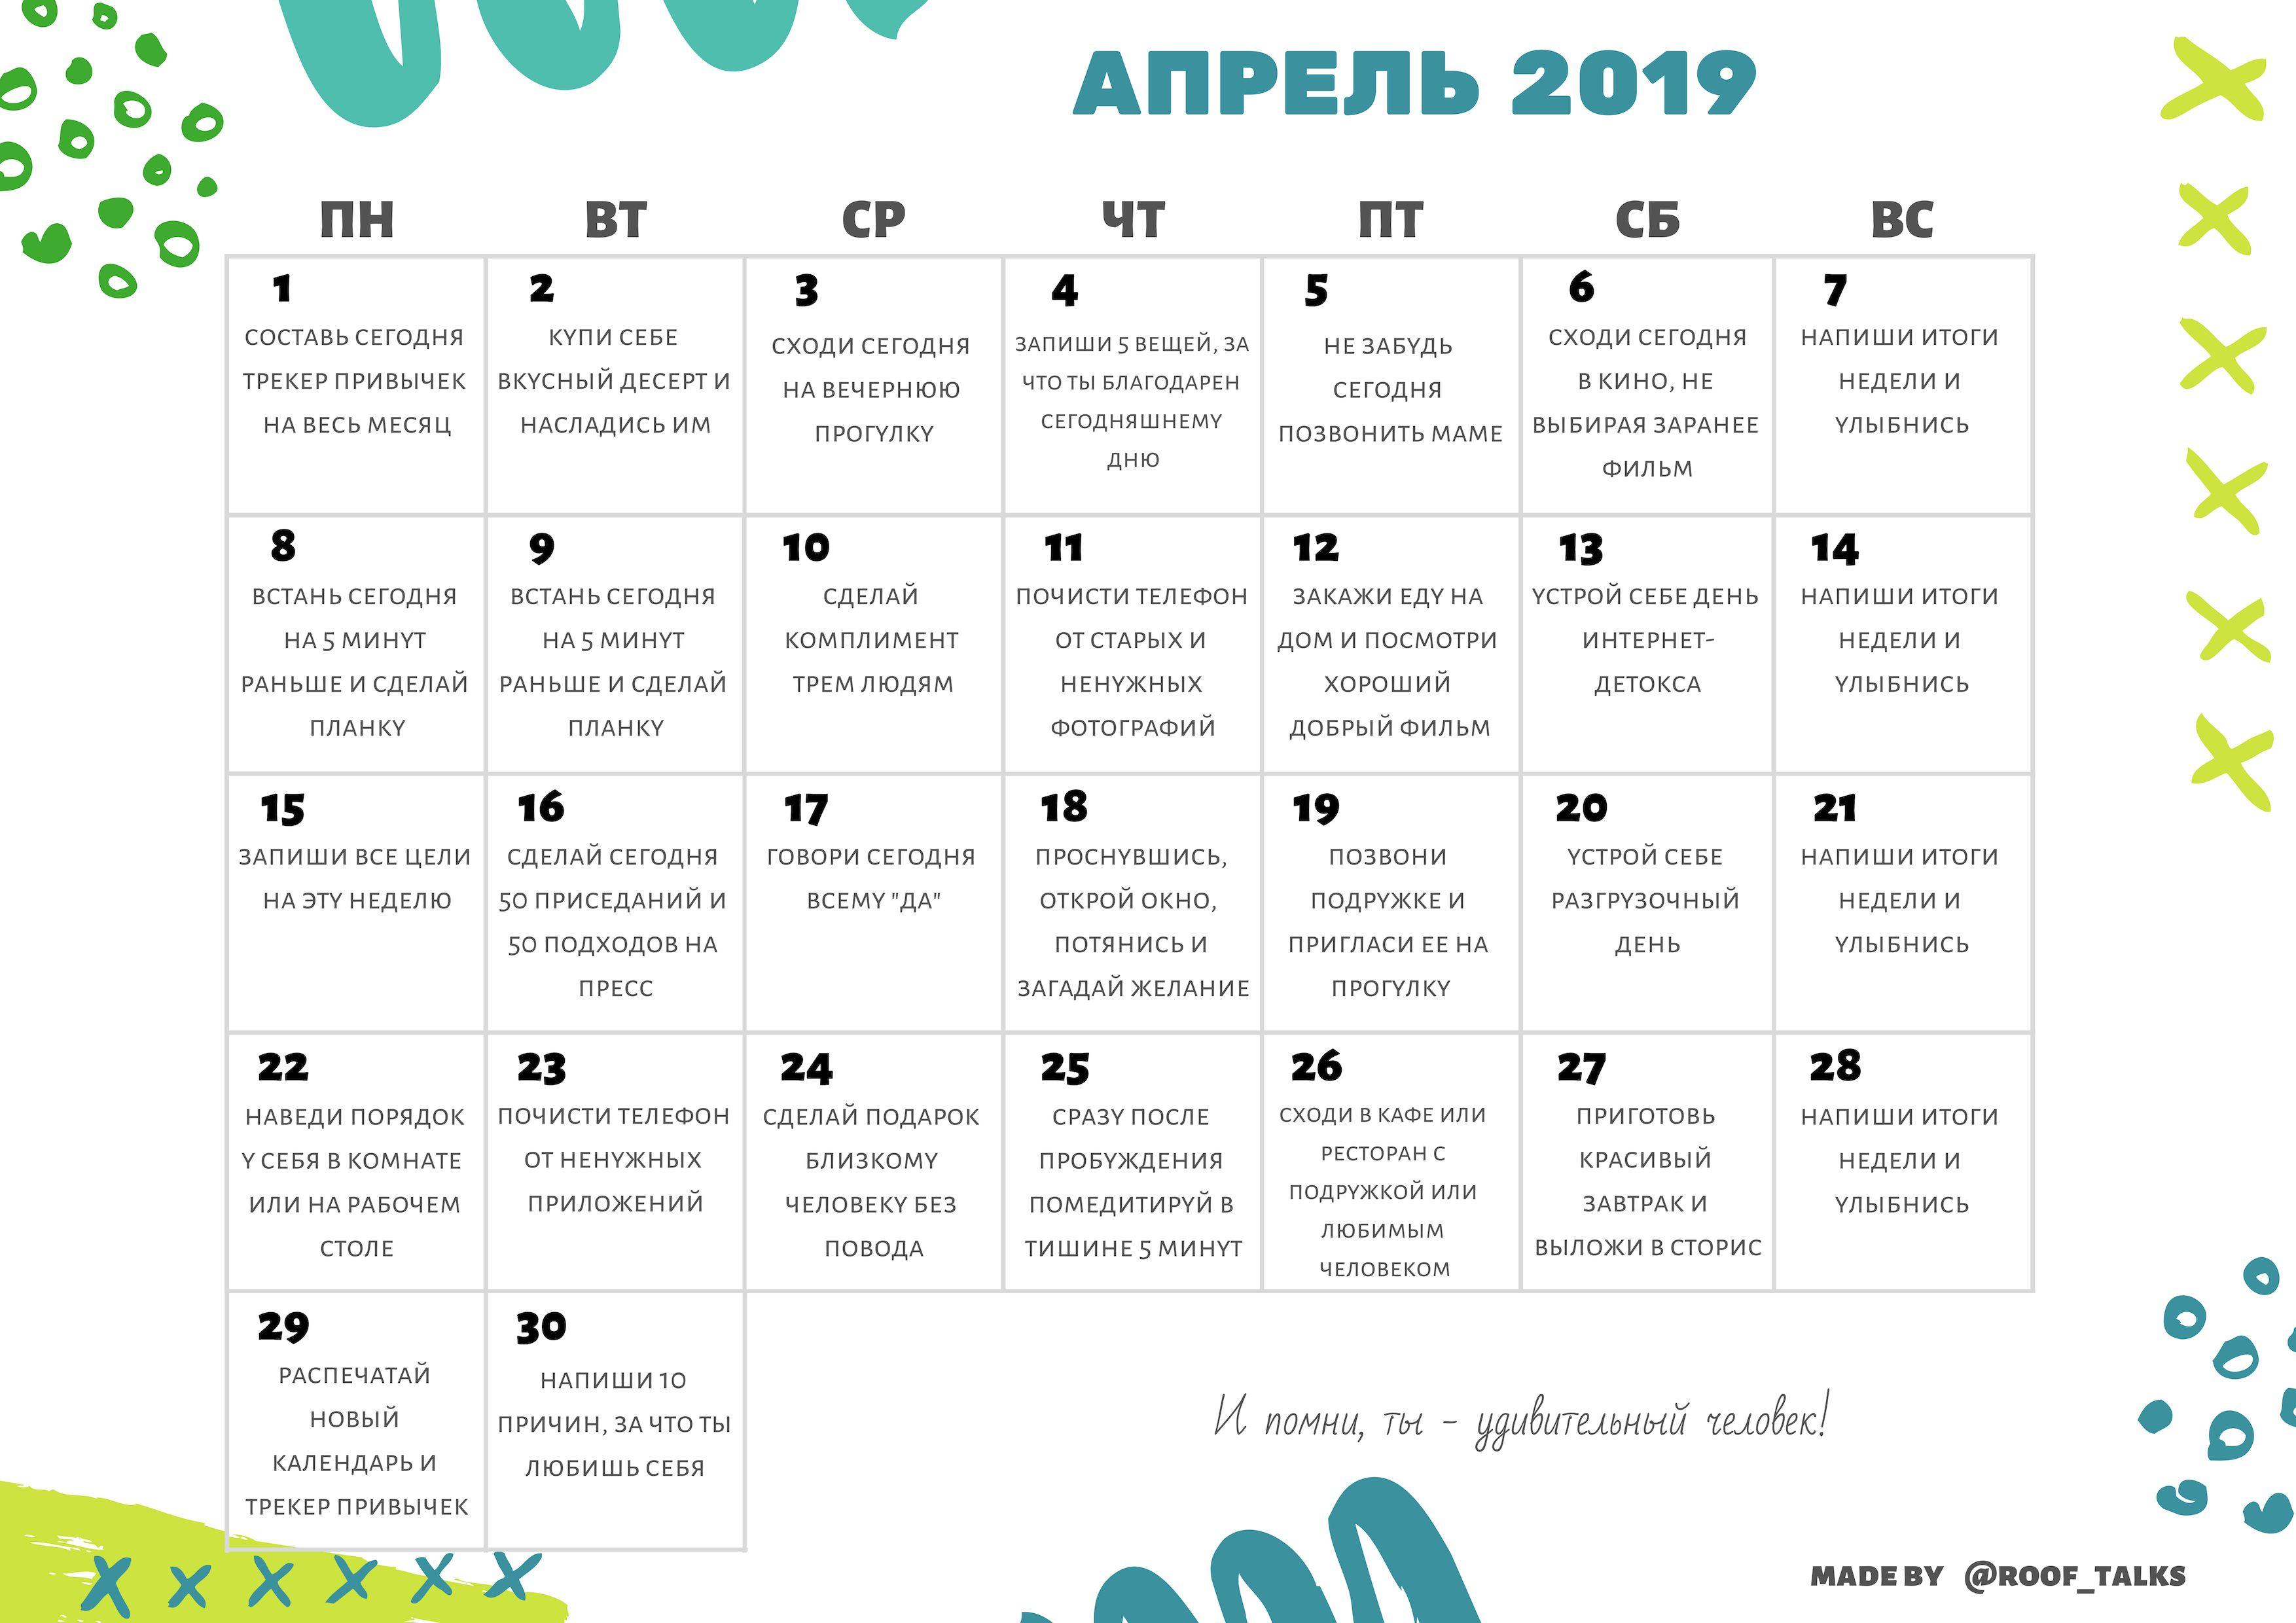 Календарь приятных дел на апрель. Скачать бесплатно по ...